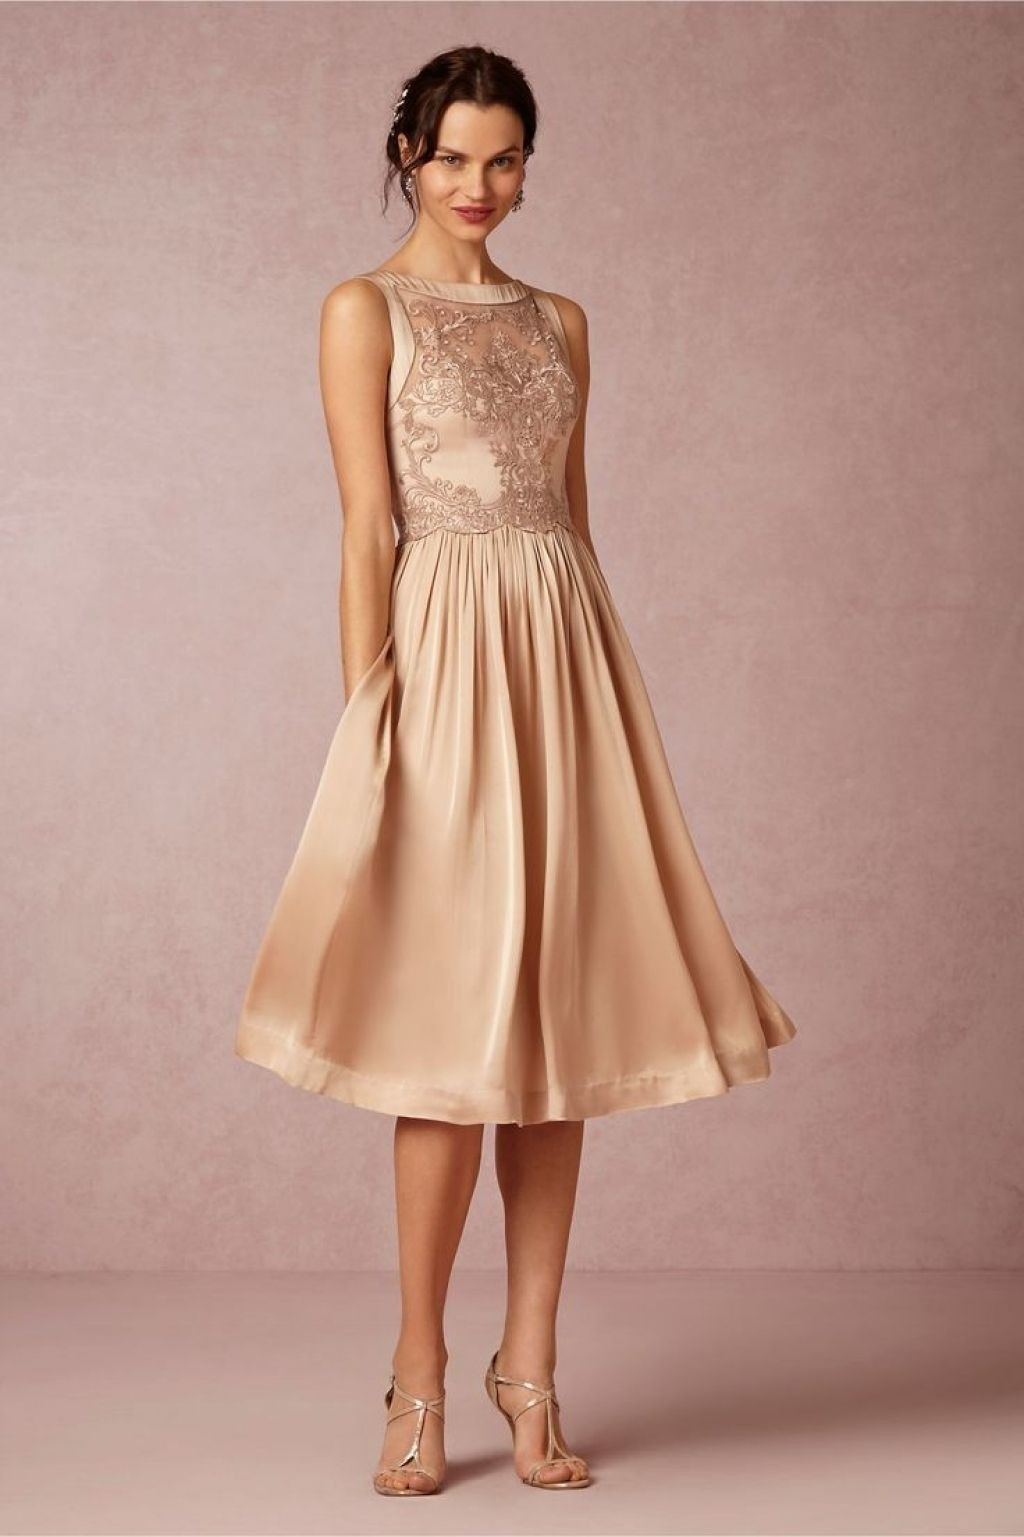 Kleider Für Blumenkinder Hochzeit Günstig Archives - Abendkleid